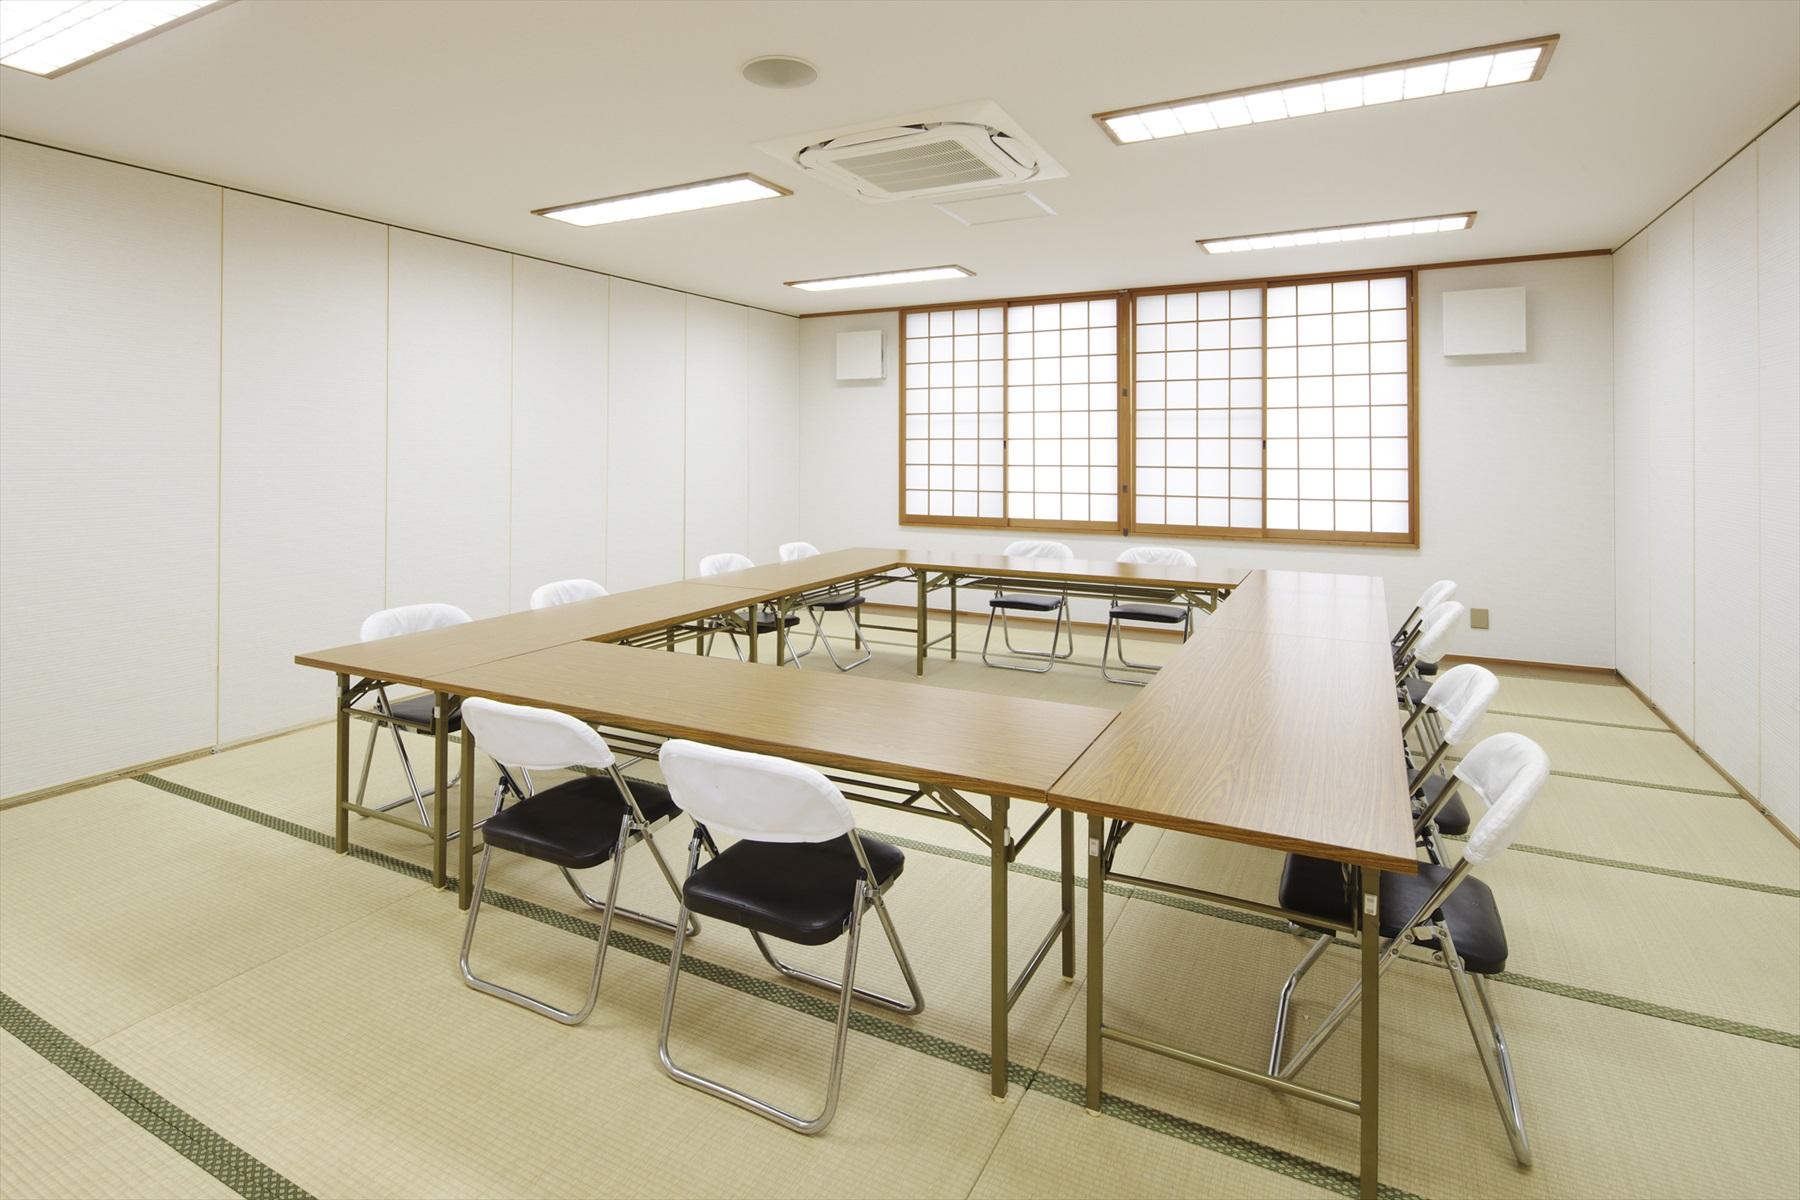 小会議室(定員:約20名)